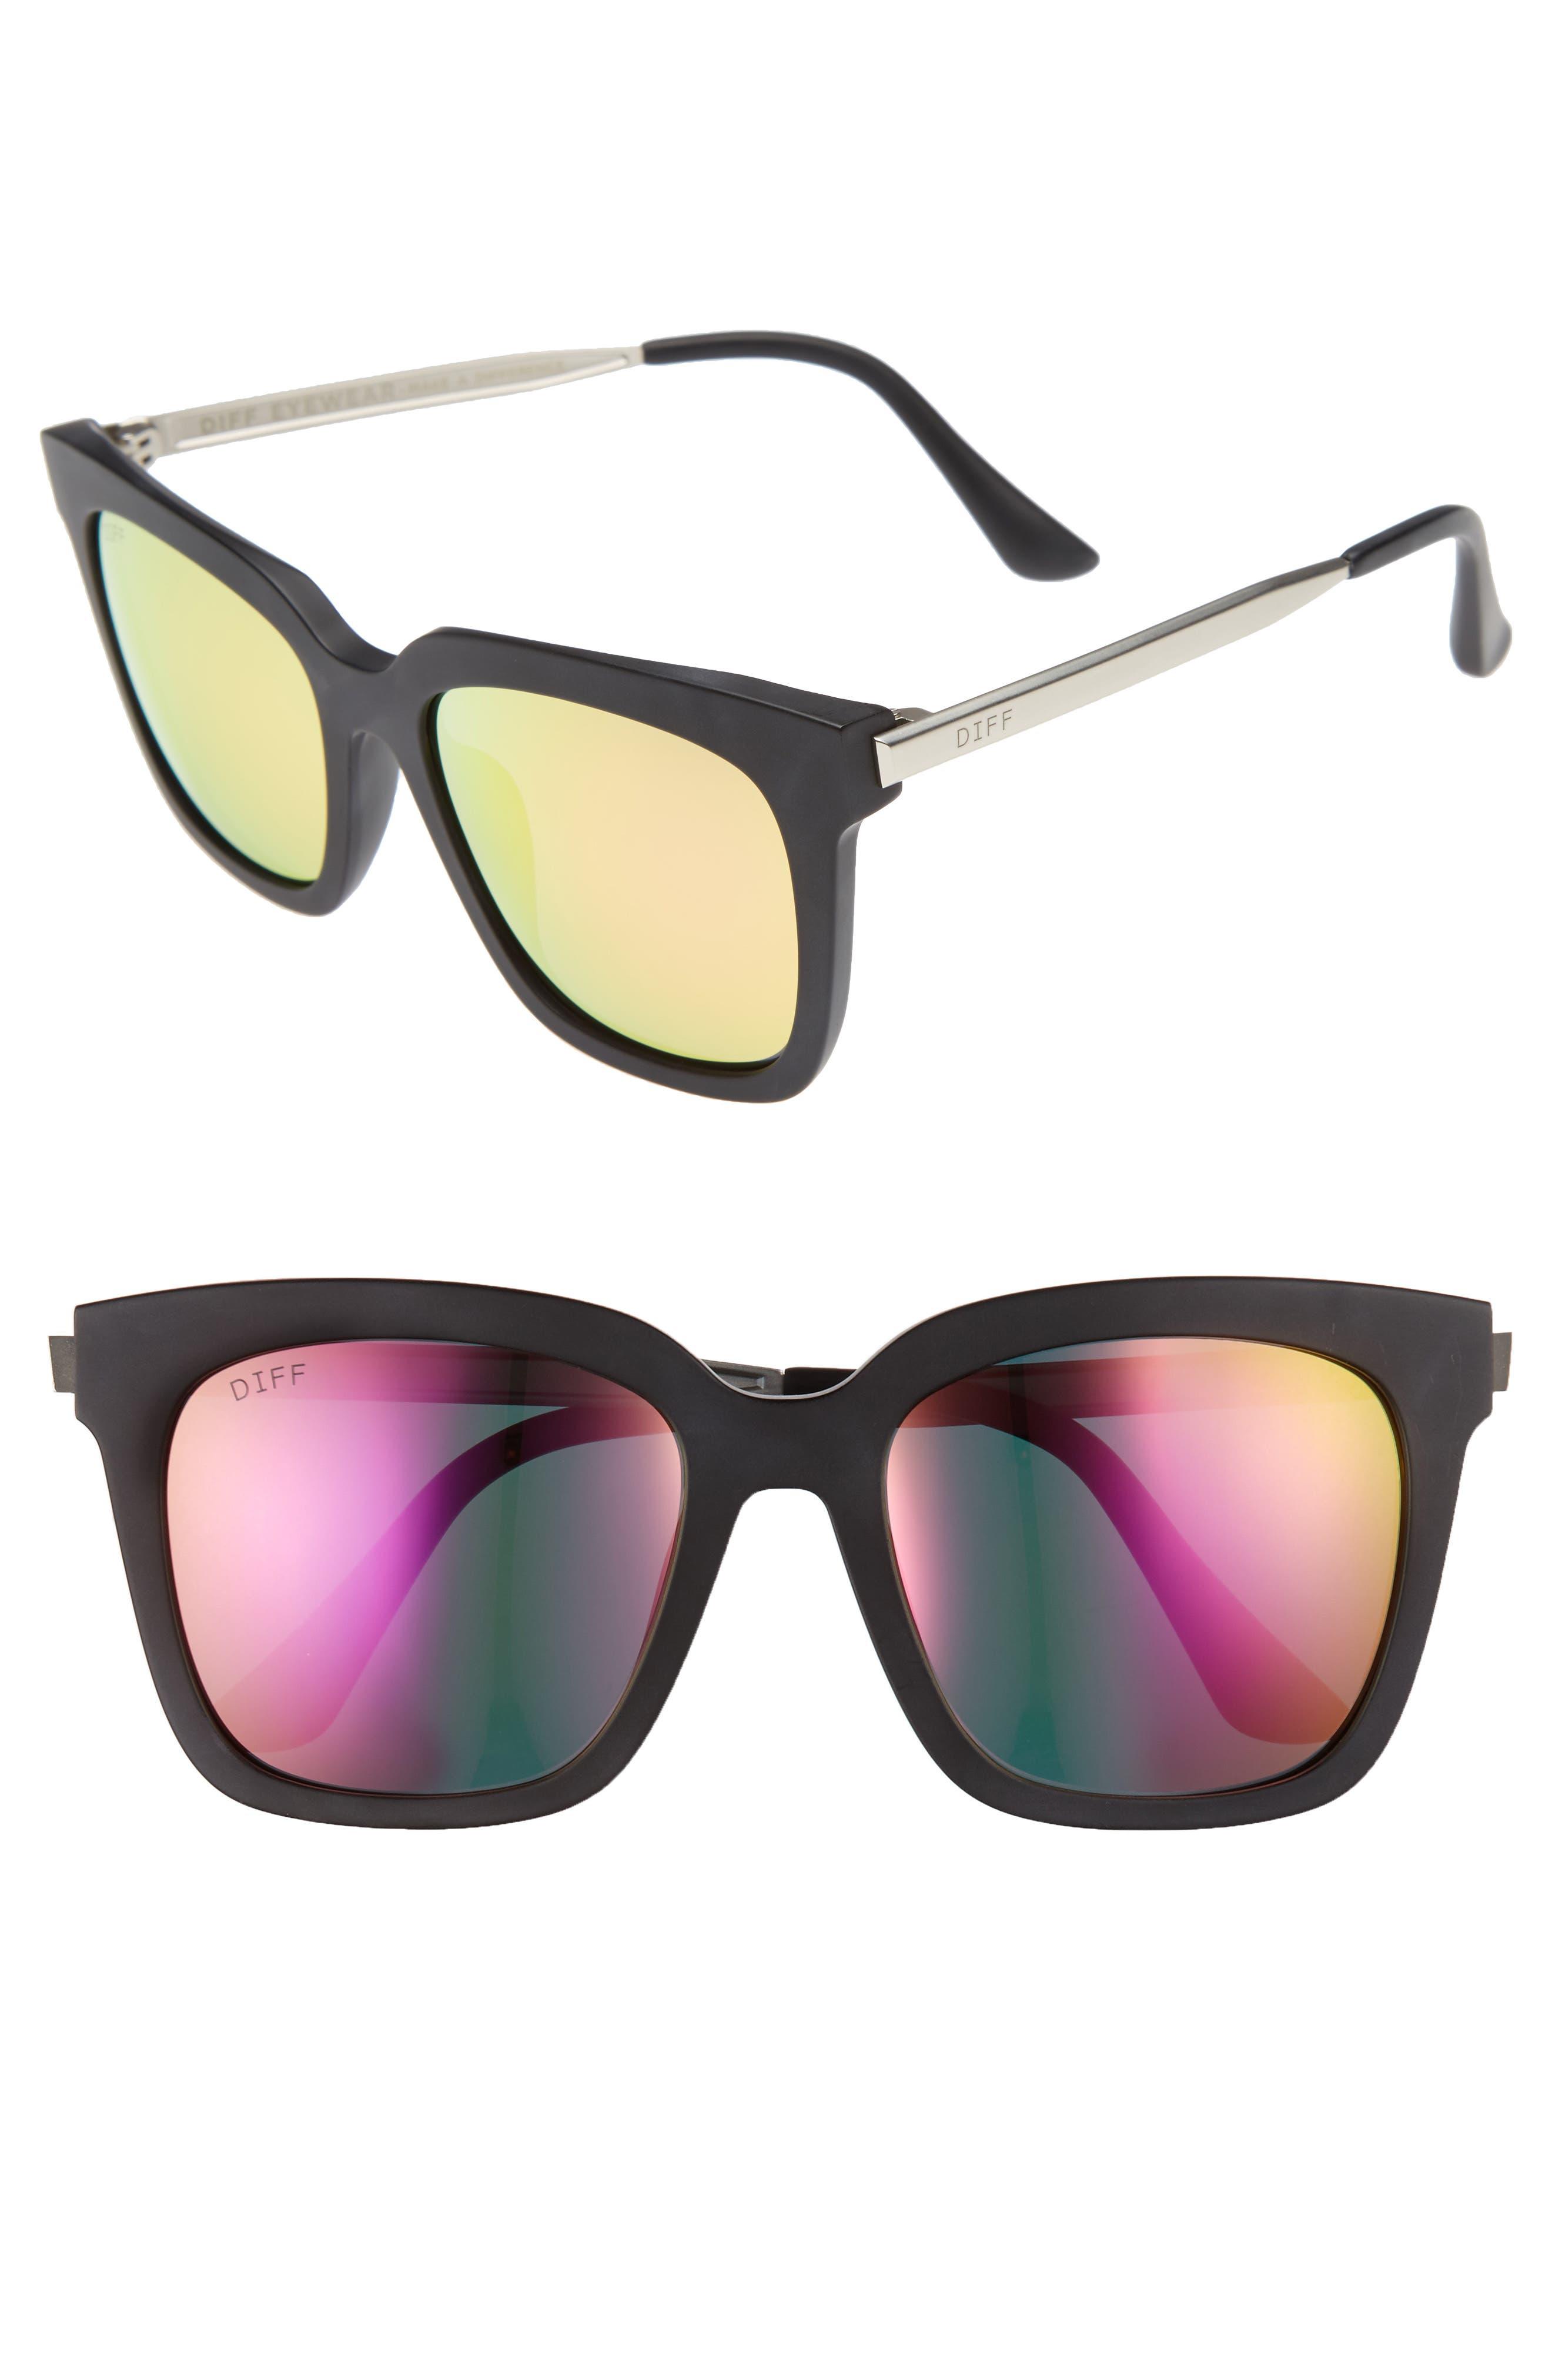 Diff Bella Polarized Sunglasses Nordstrom